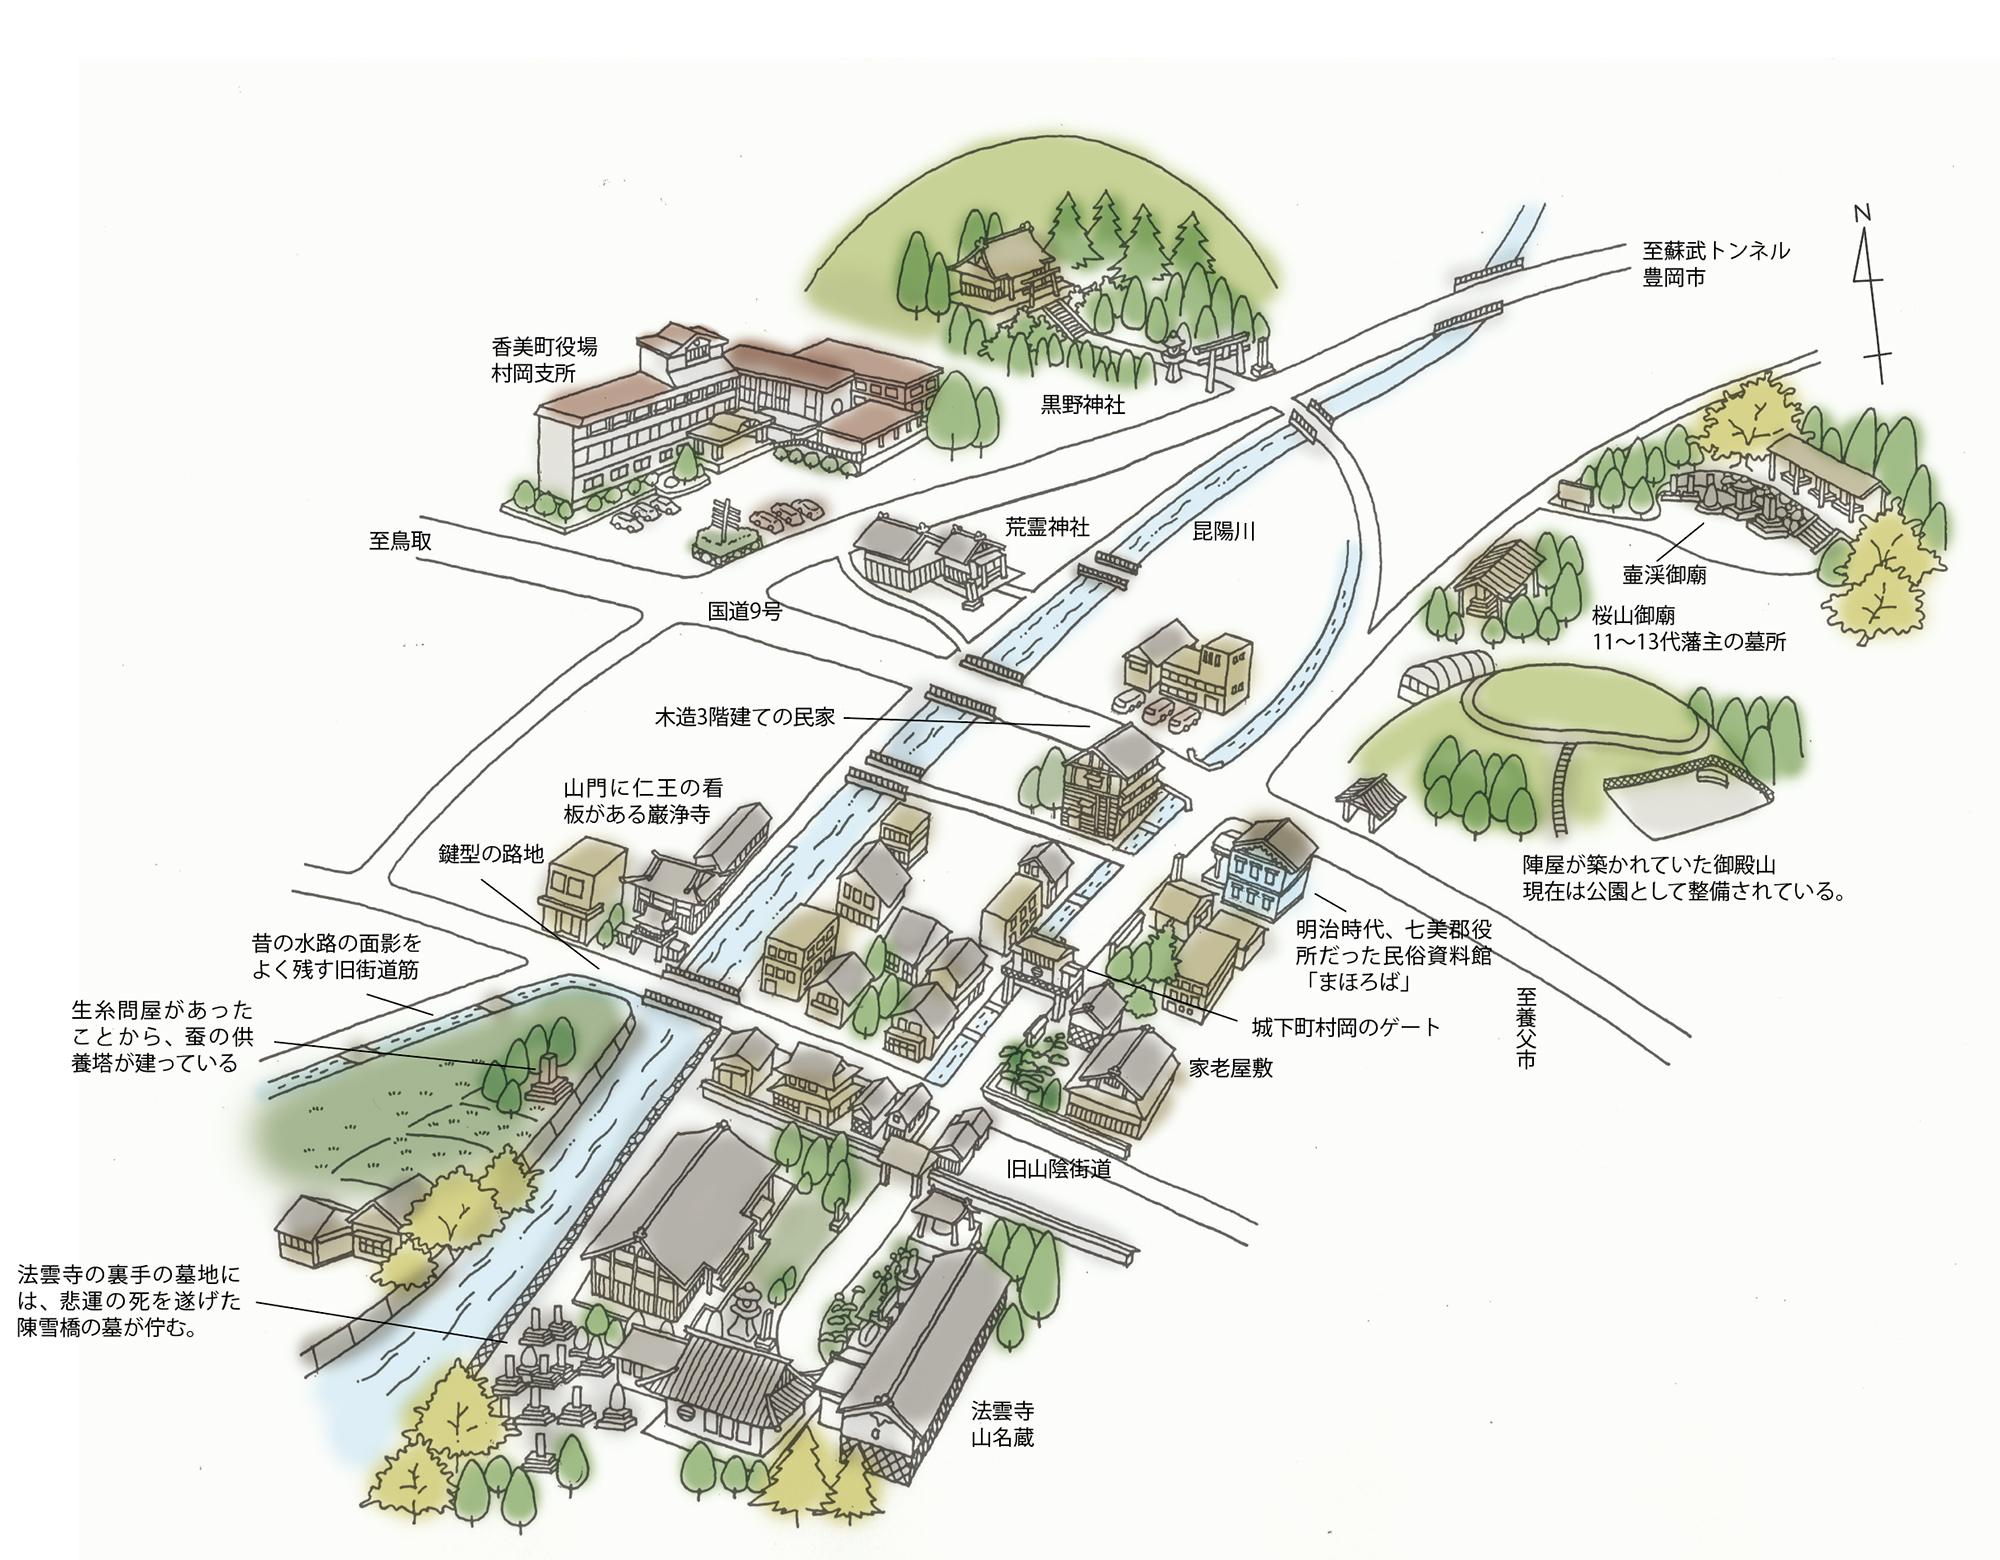 城下町村岡を歩く<香美町村岡区村岡>(Vol.64/2007年10月発行)